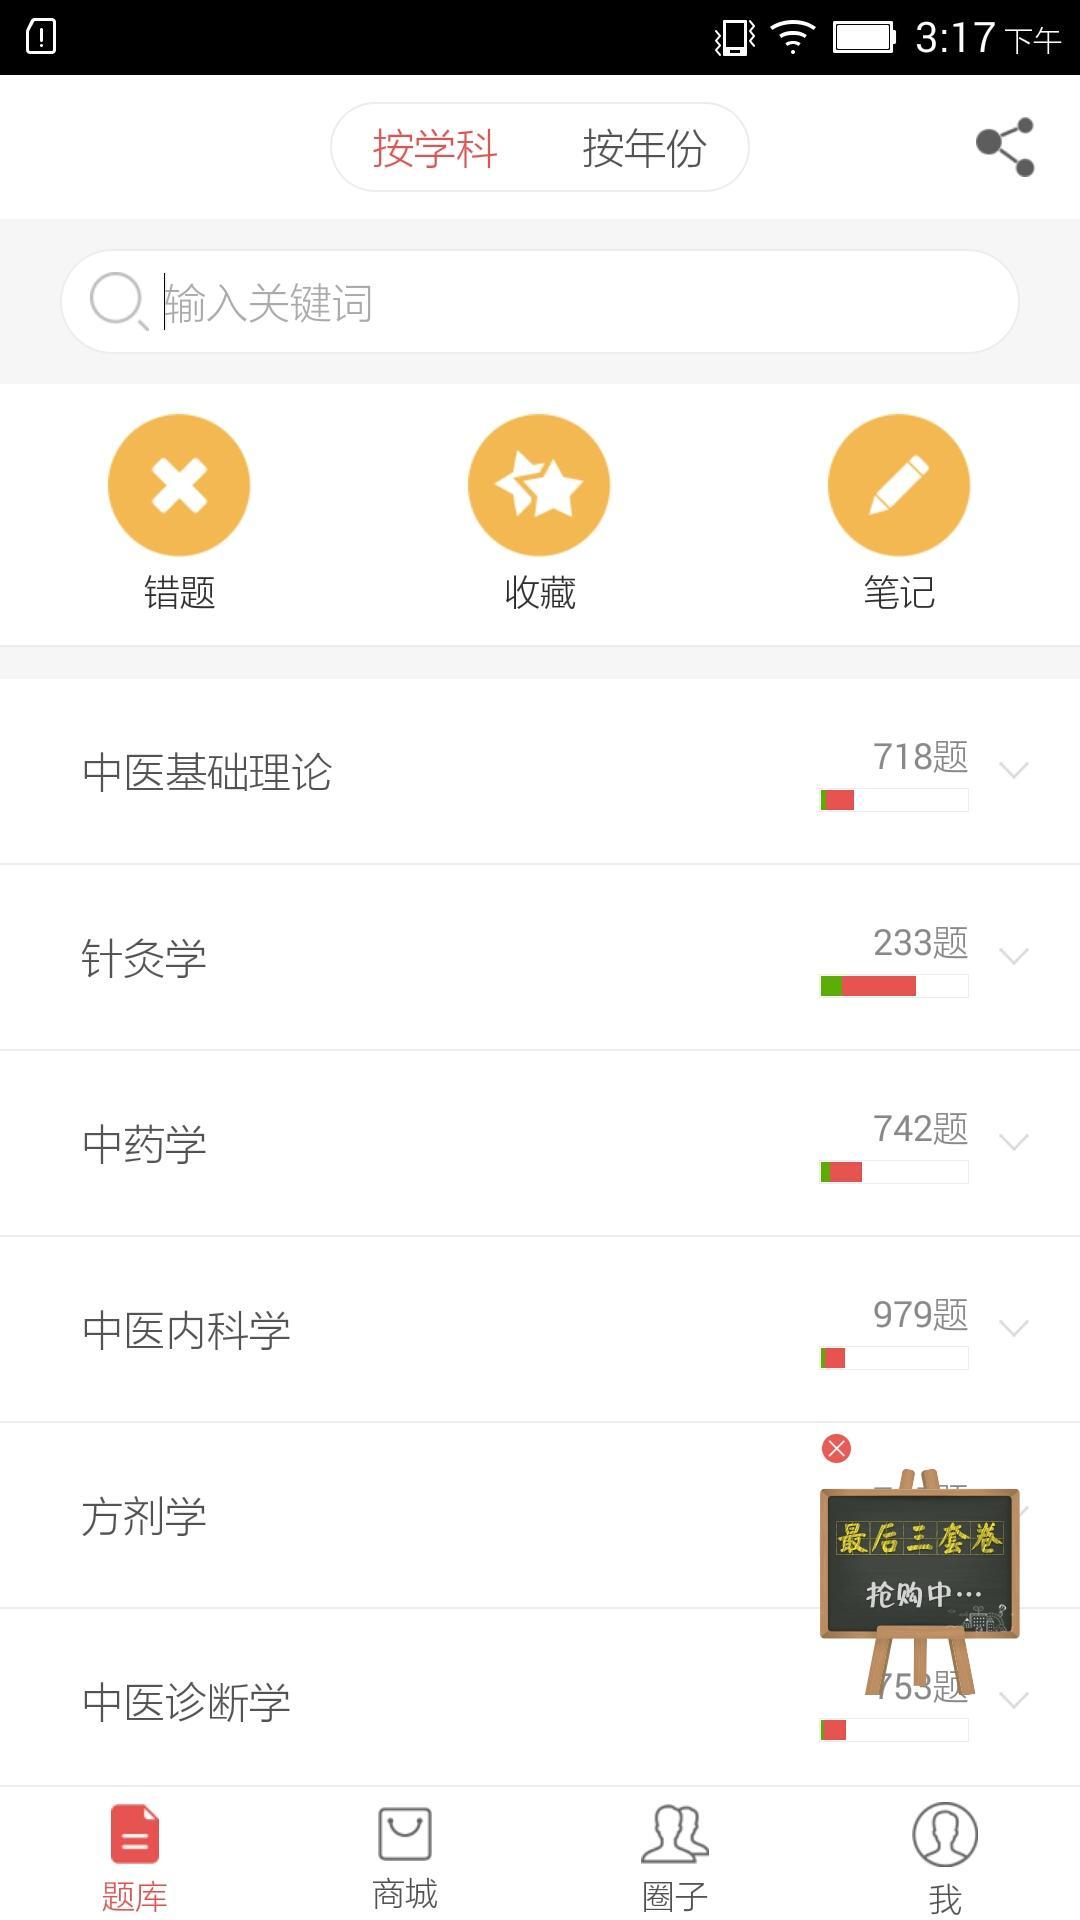 中医综合 V2.1.0 安卓版截图5